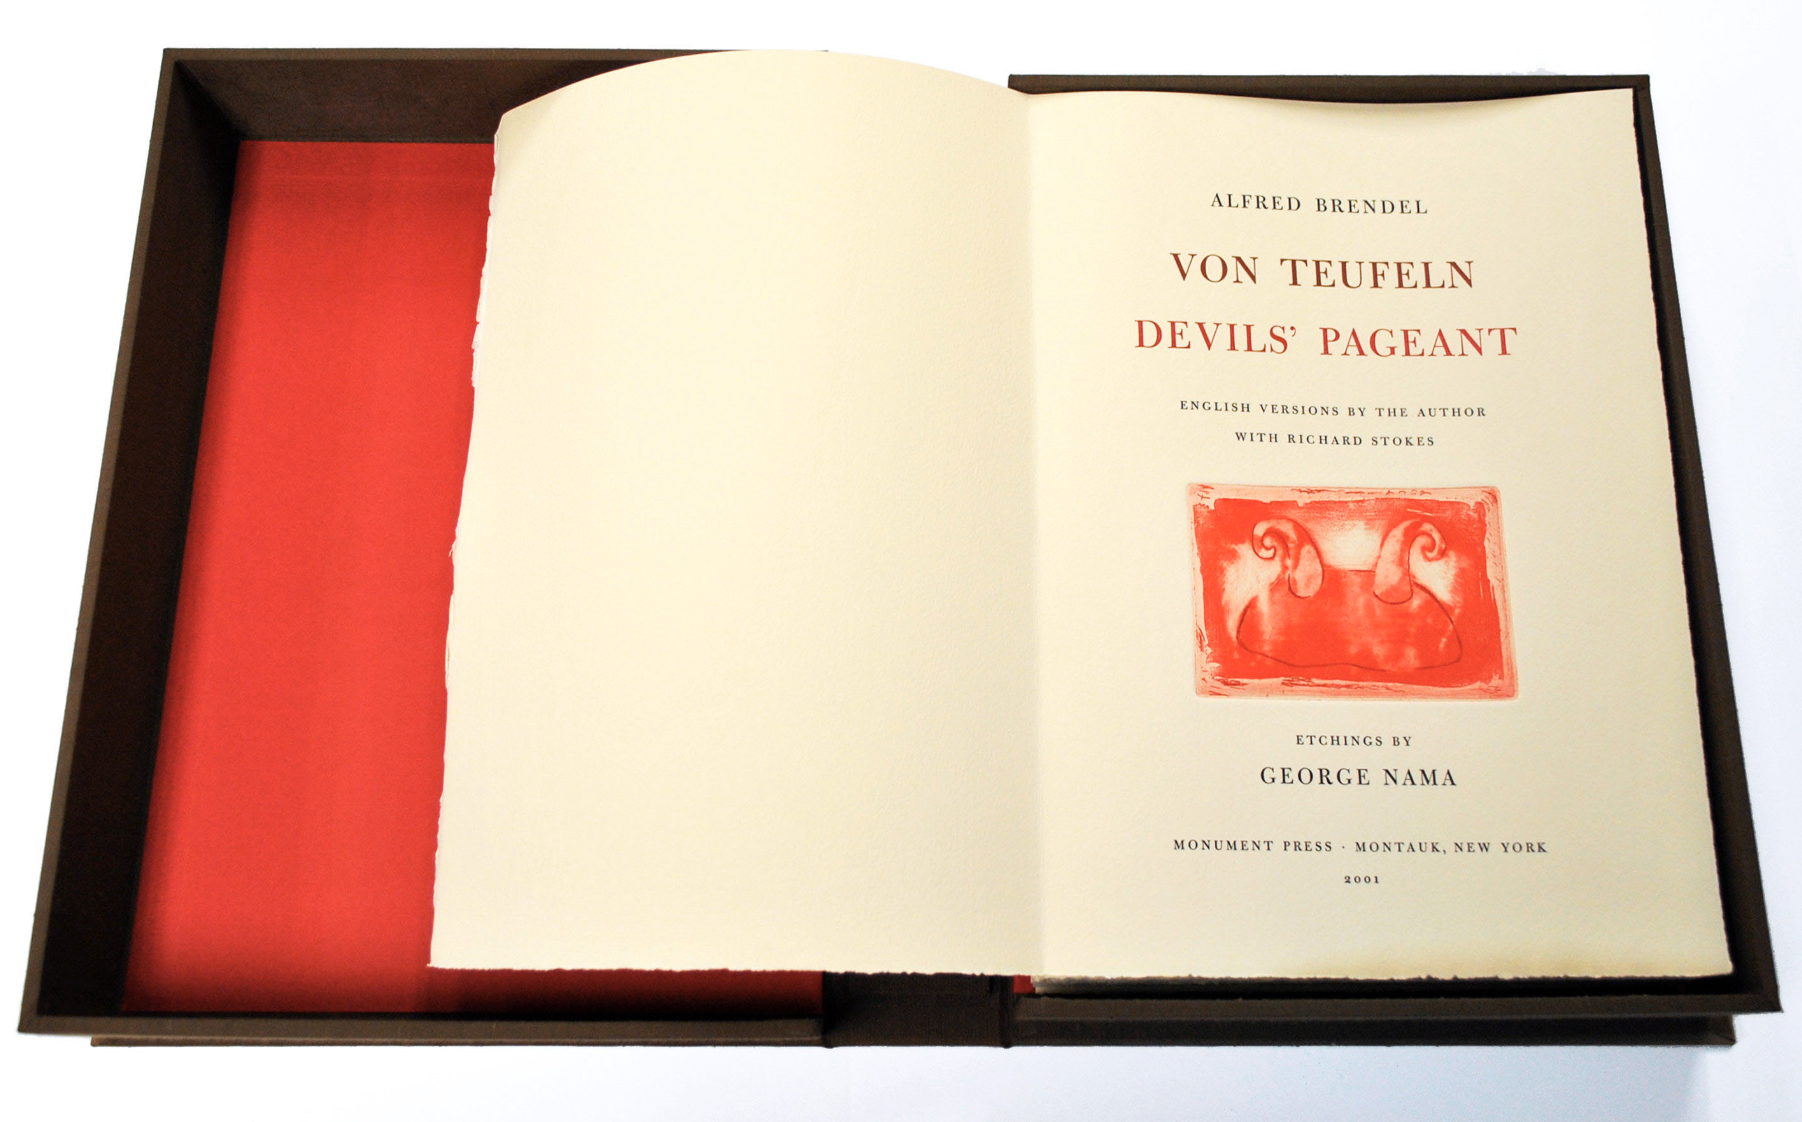 Devils' Pageant, 2001